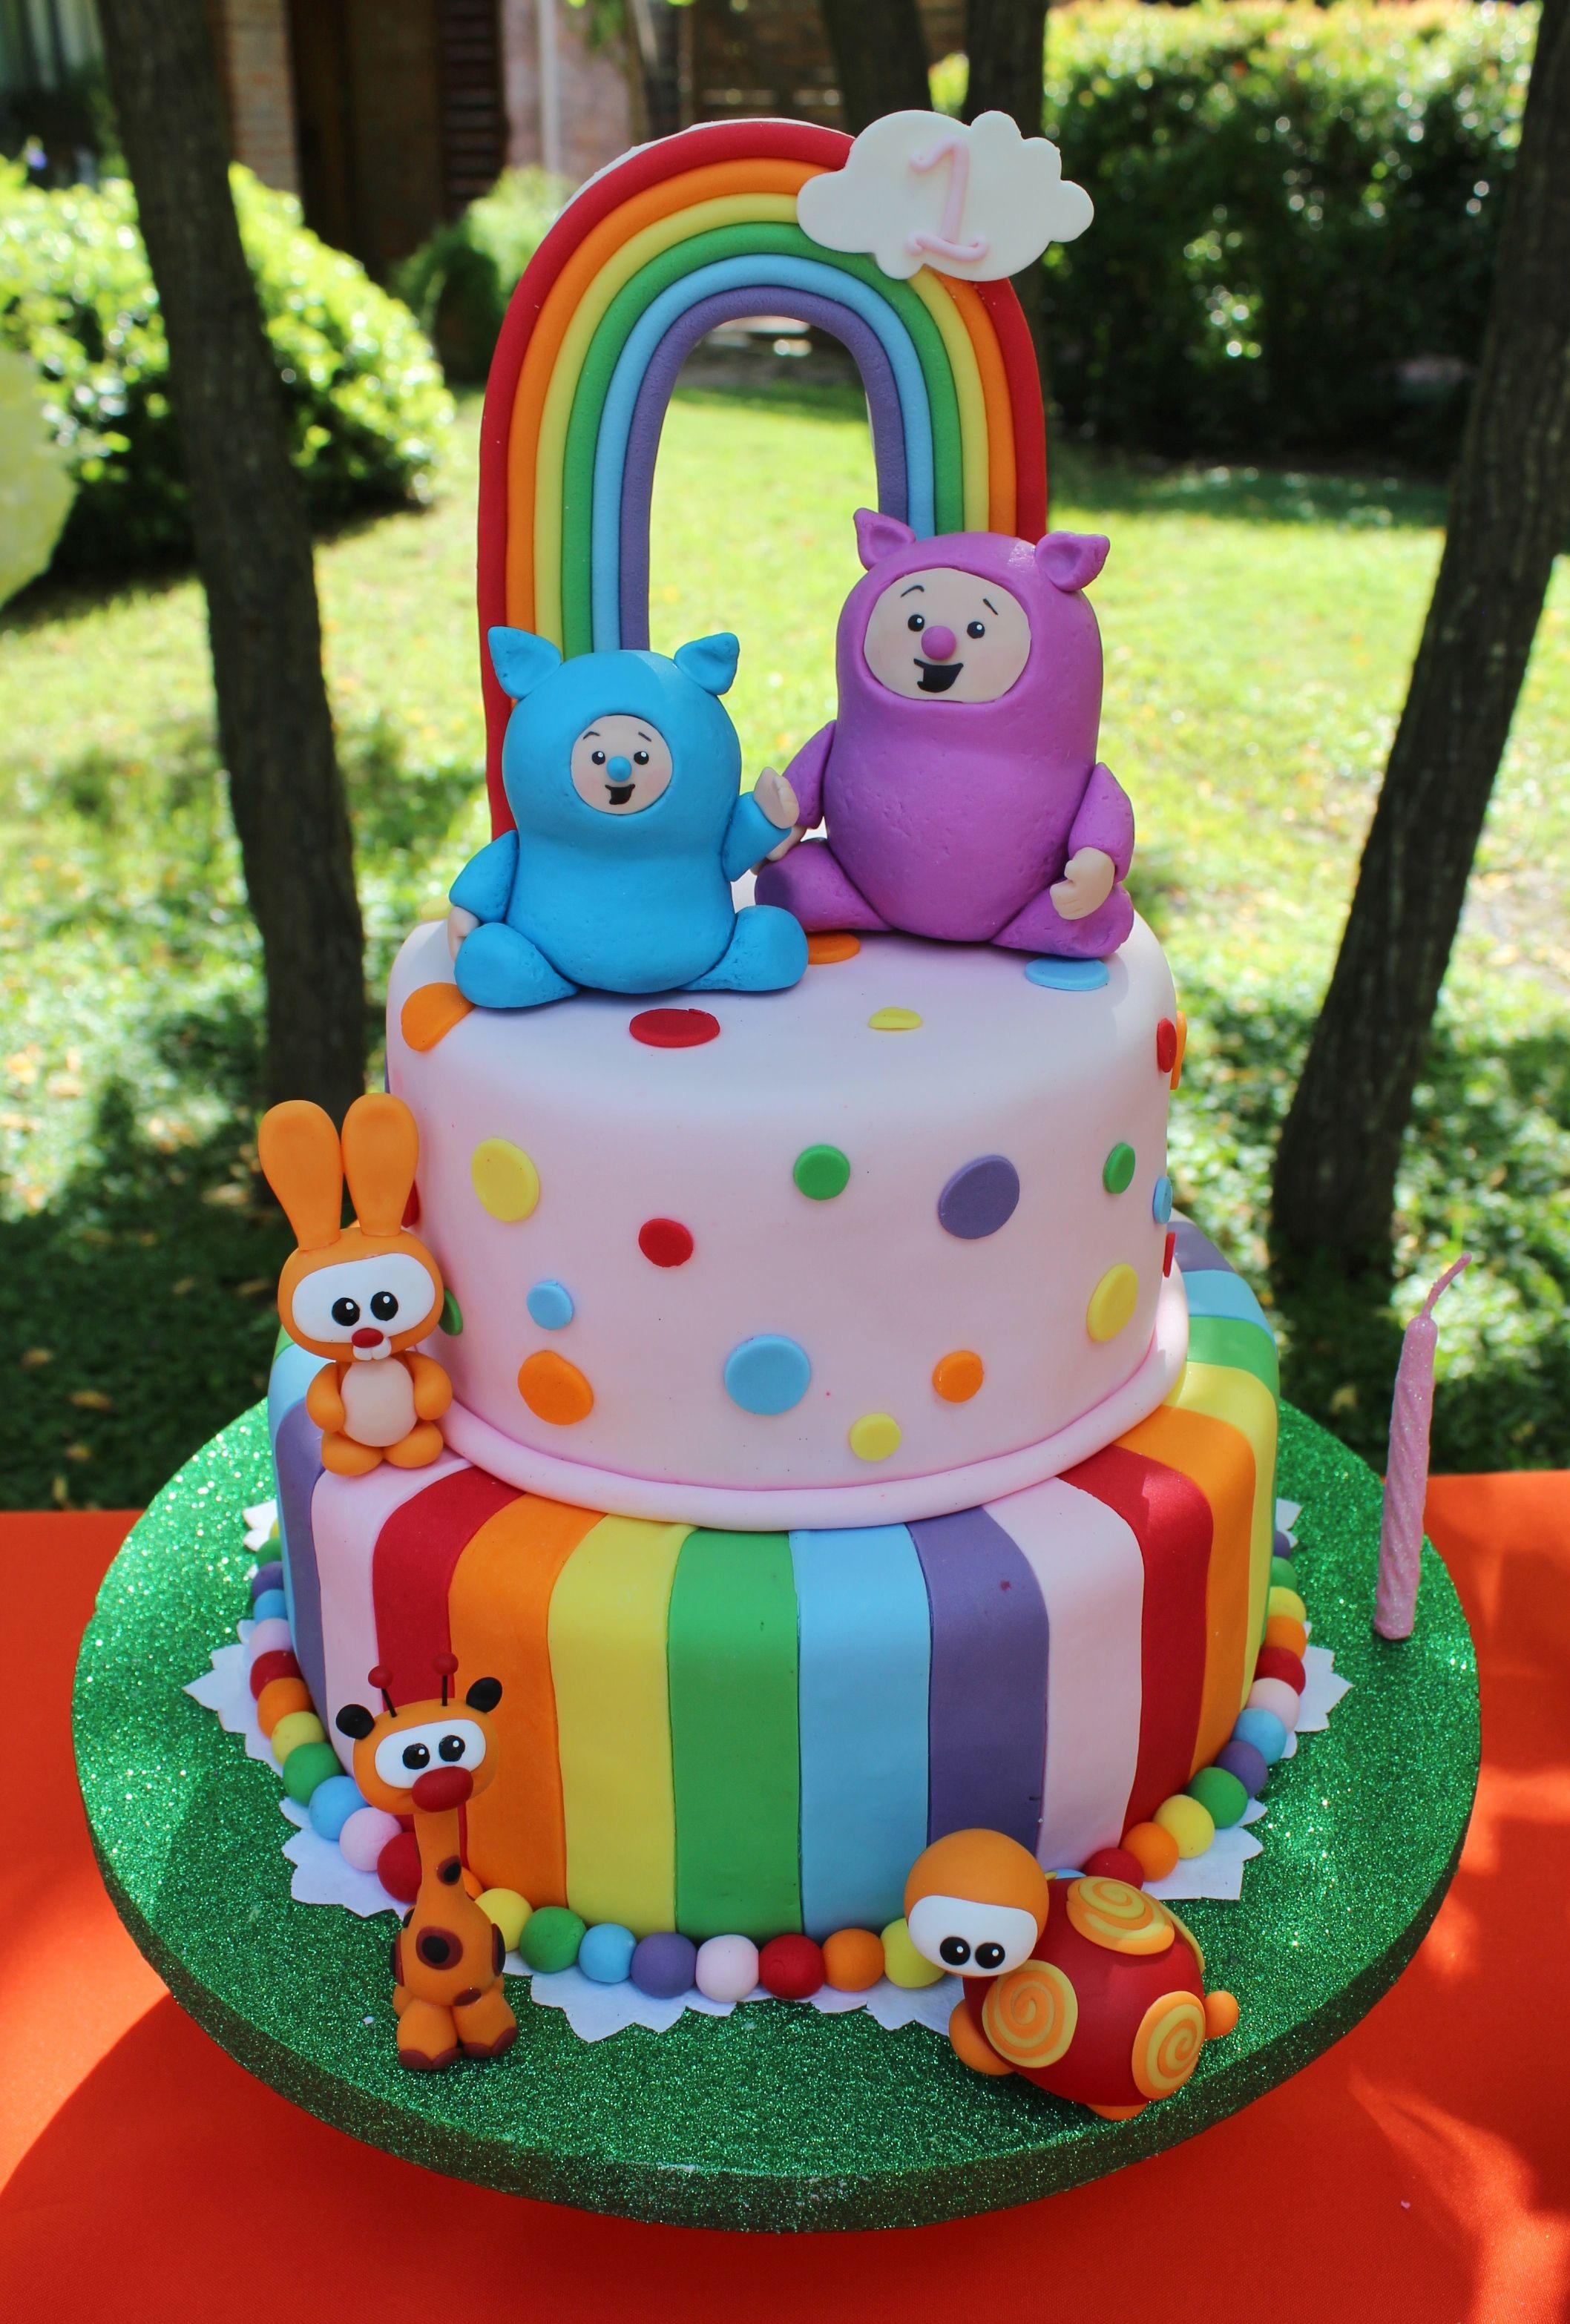 Baby birthday cake photo Recipe: Healthy Smash Cake for Babys 1st Birthday